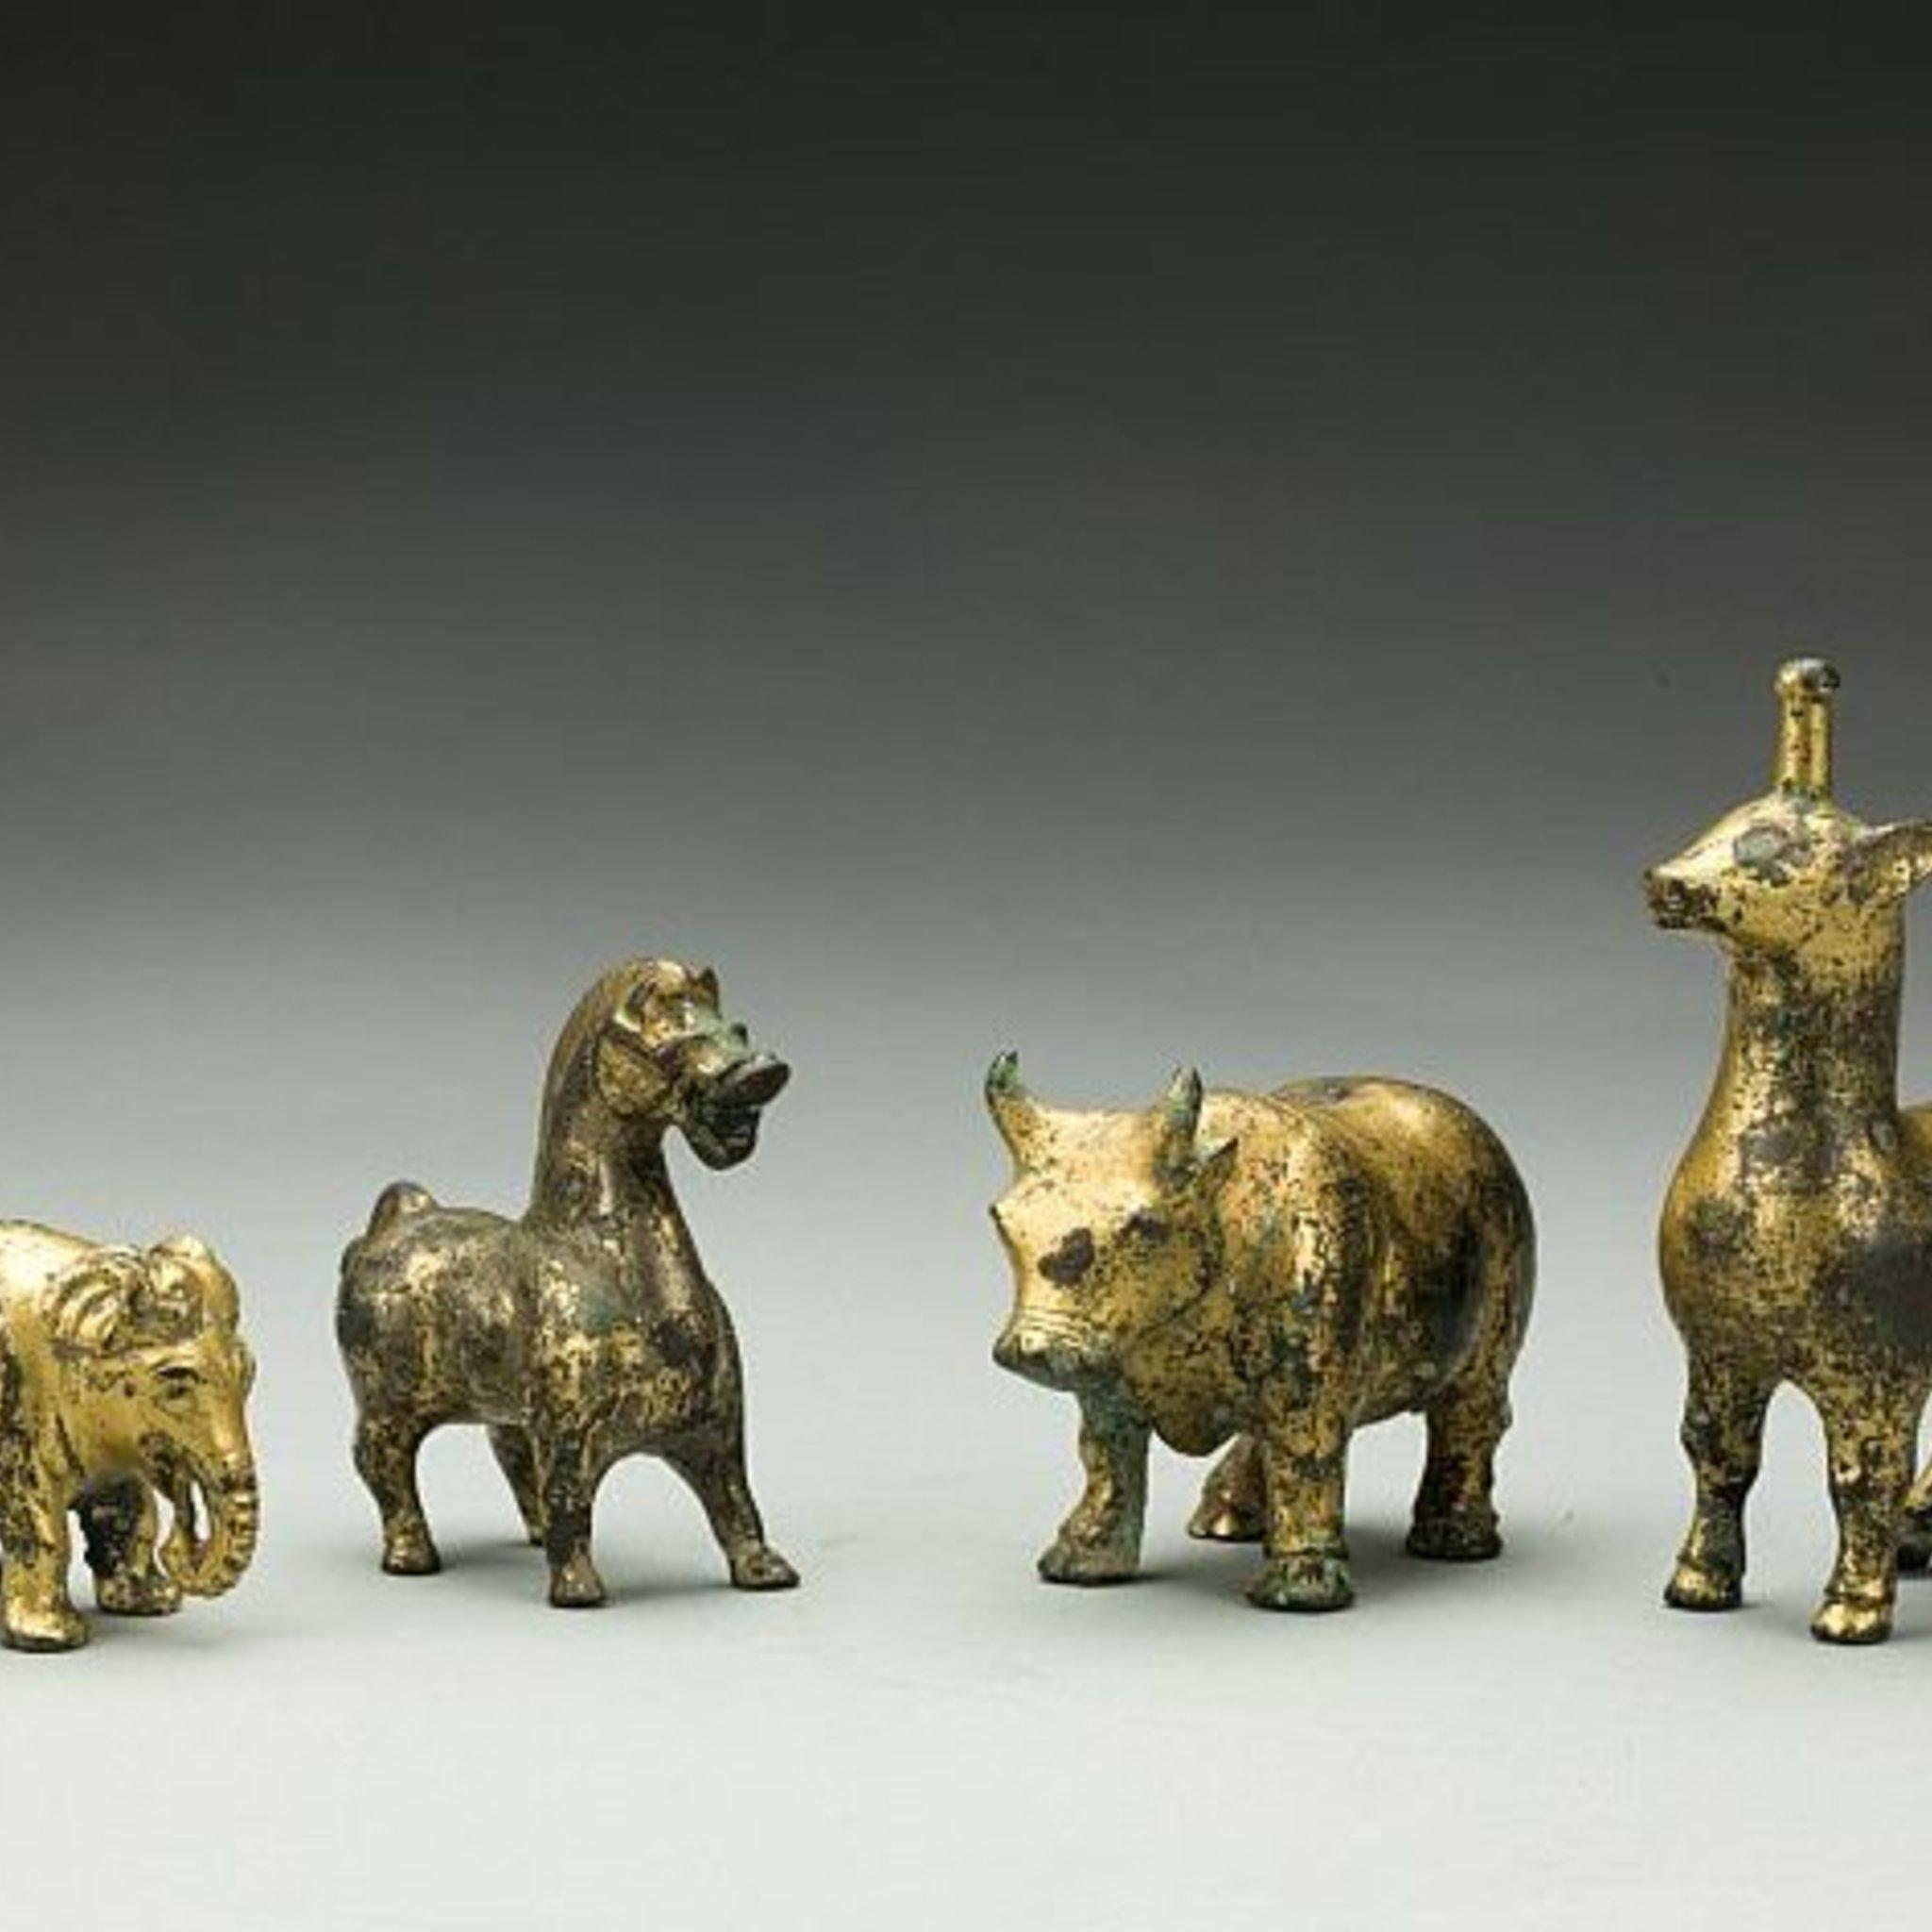 Выставка древнего китайского искусства «Шелковый путь»